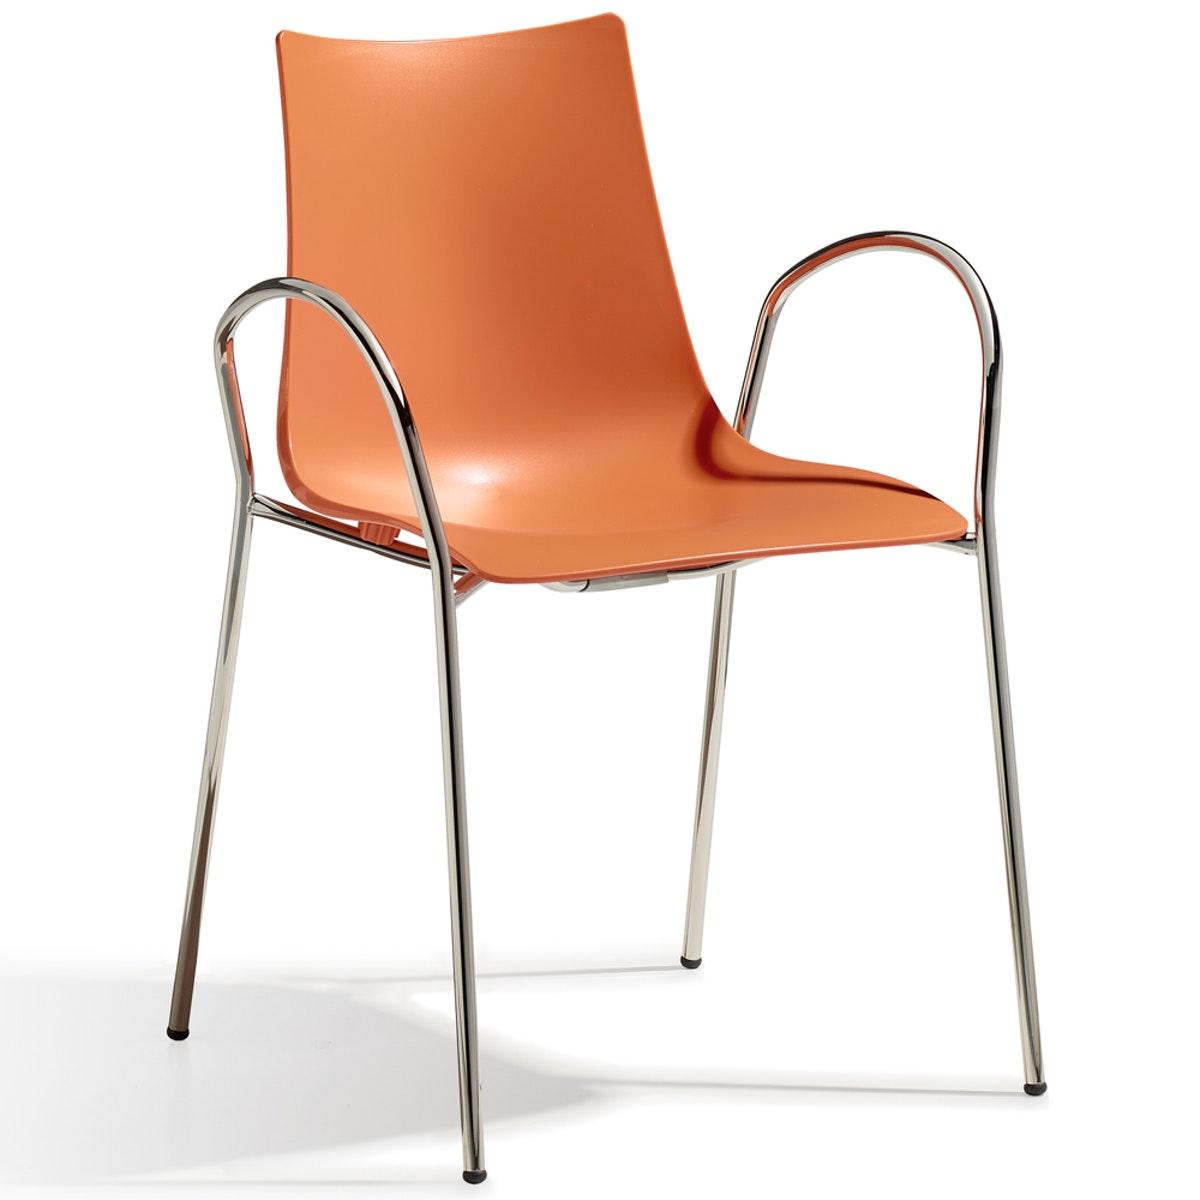 Designer Stuhl ZEBRA 4 Legs